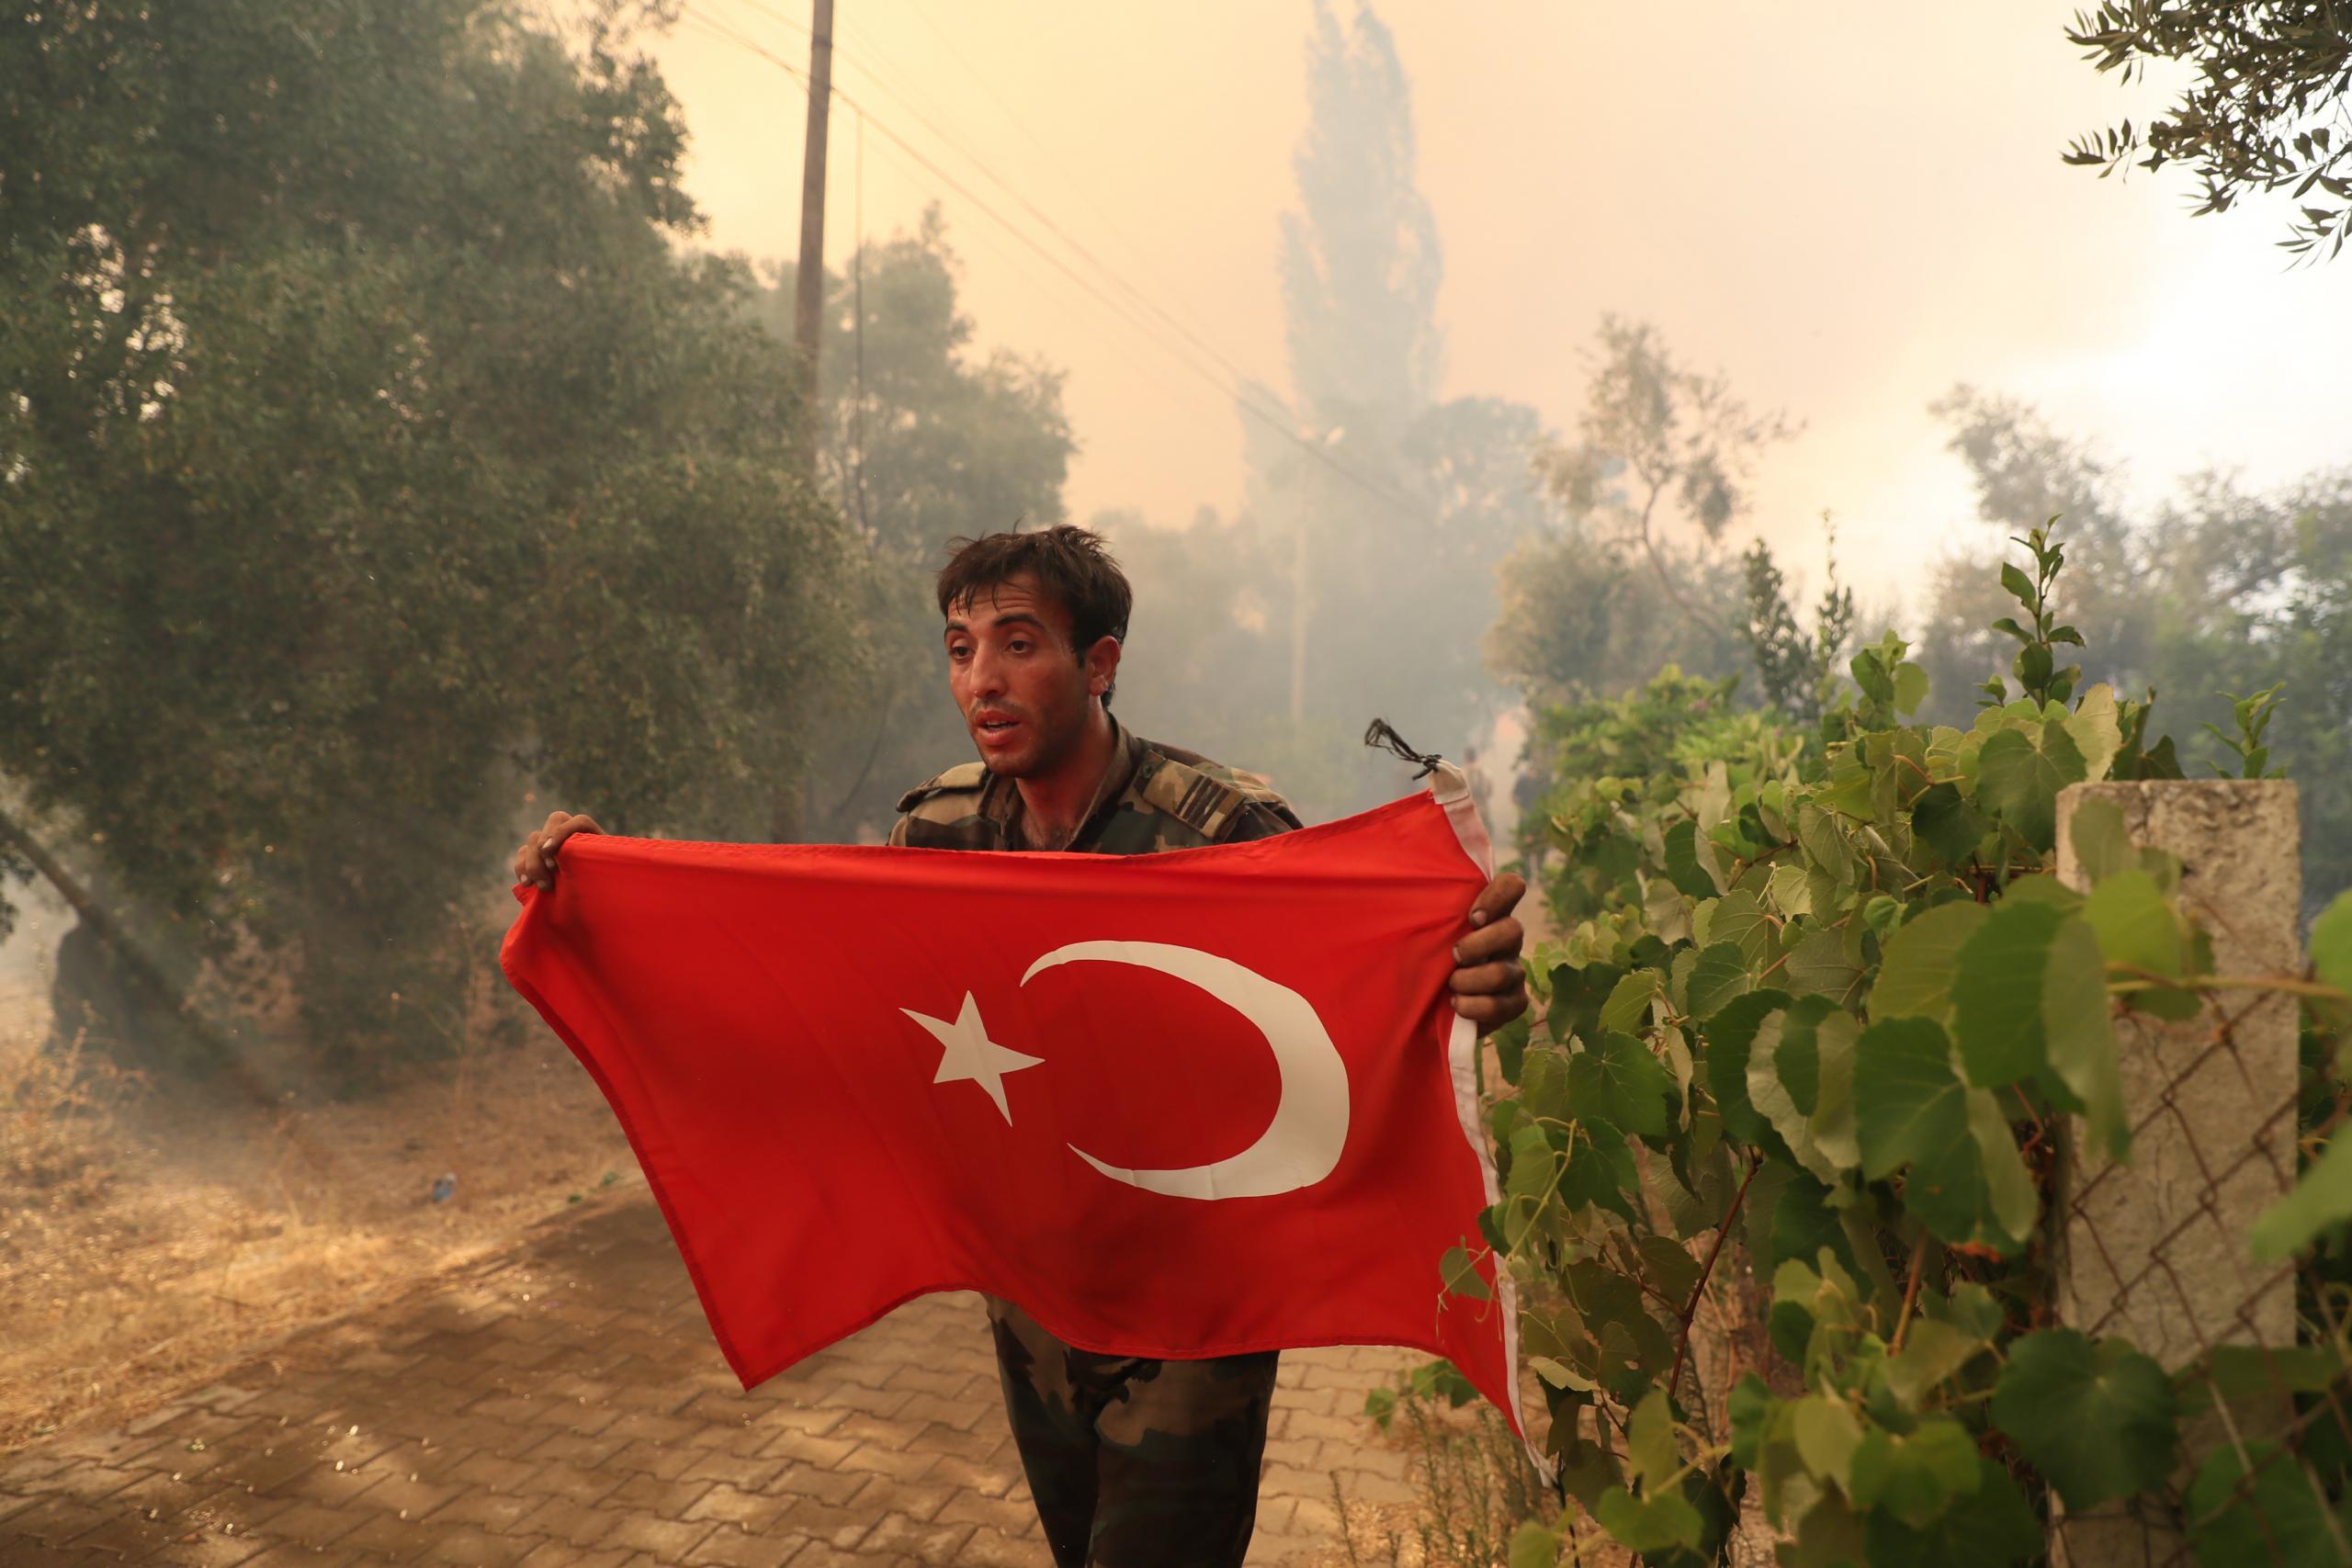 Marmaris'teki orman yangınında görevli Azerbaycanlı itfaiyecilerin Türk bayrağı duyarlılığı